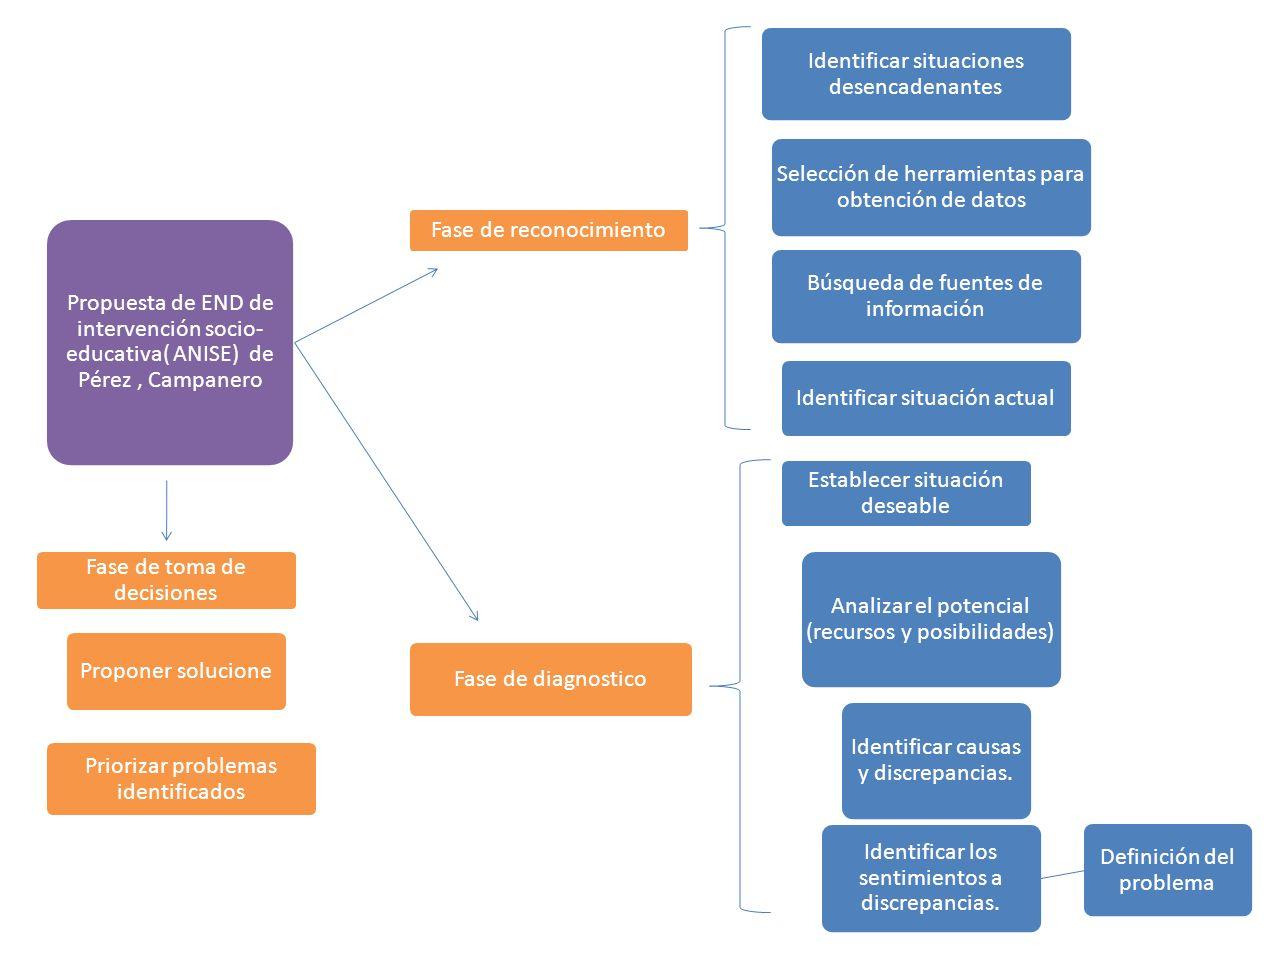 Propuesta de END de intervención socio- educativa( ANISE) de Pérez, Campanero Fase de reconocimiento Identificar situaciones desencadenantes Selección